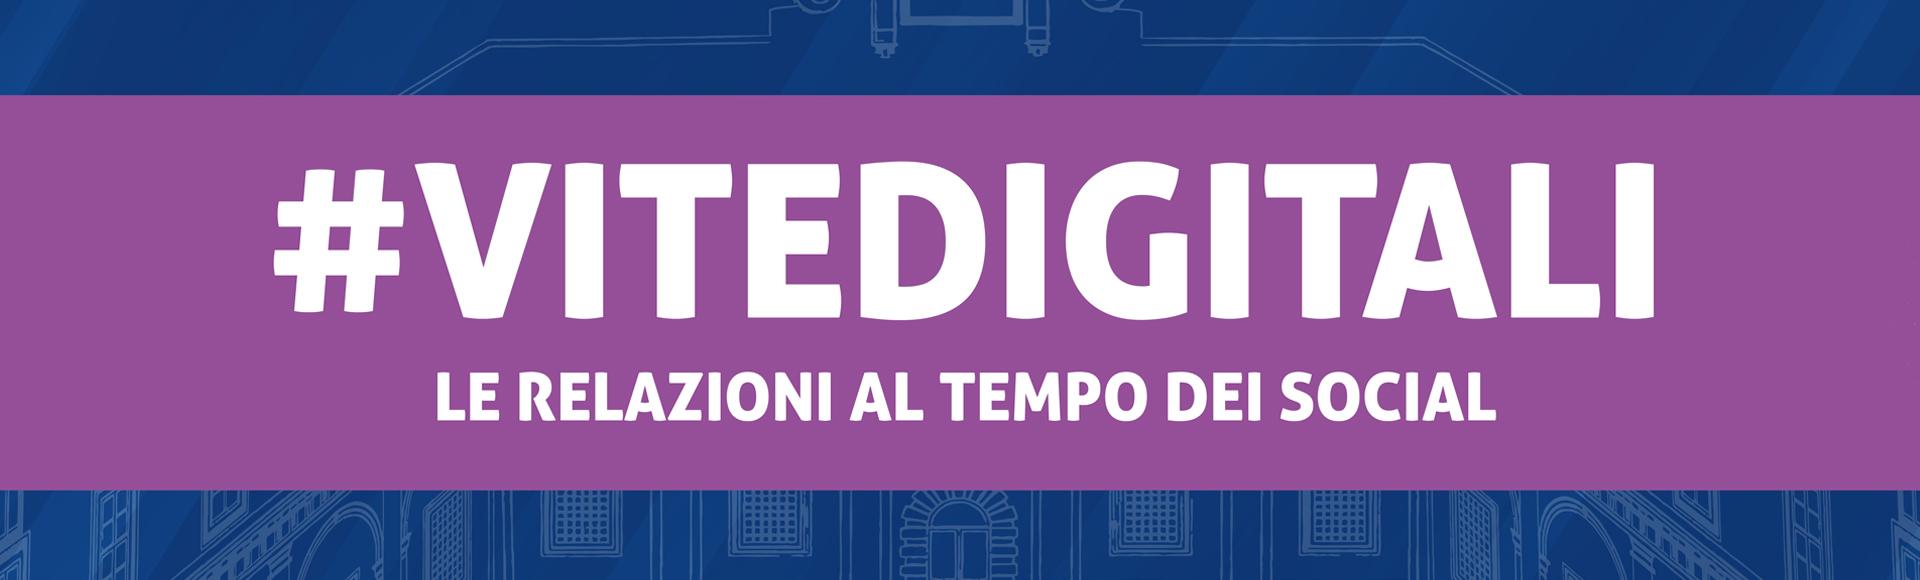 ViteDigitali_testata